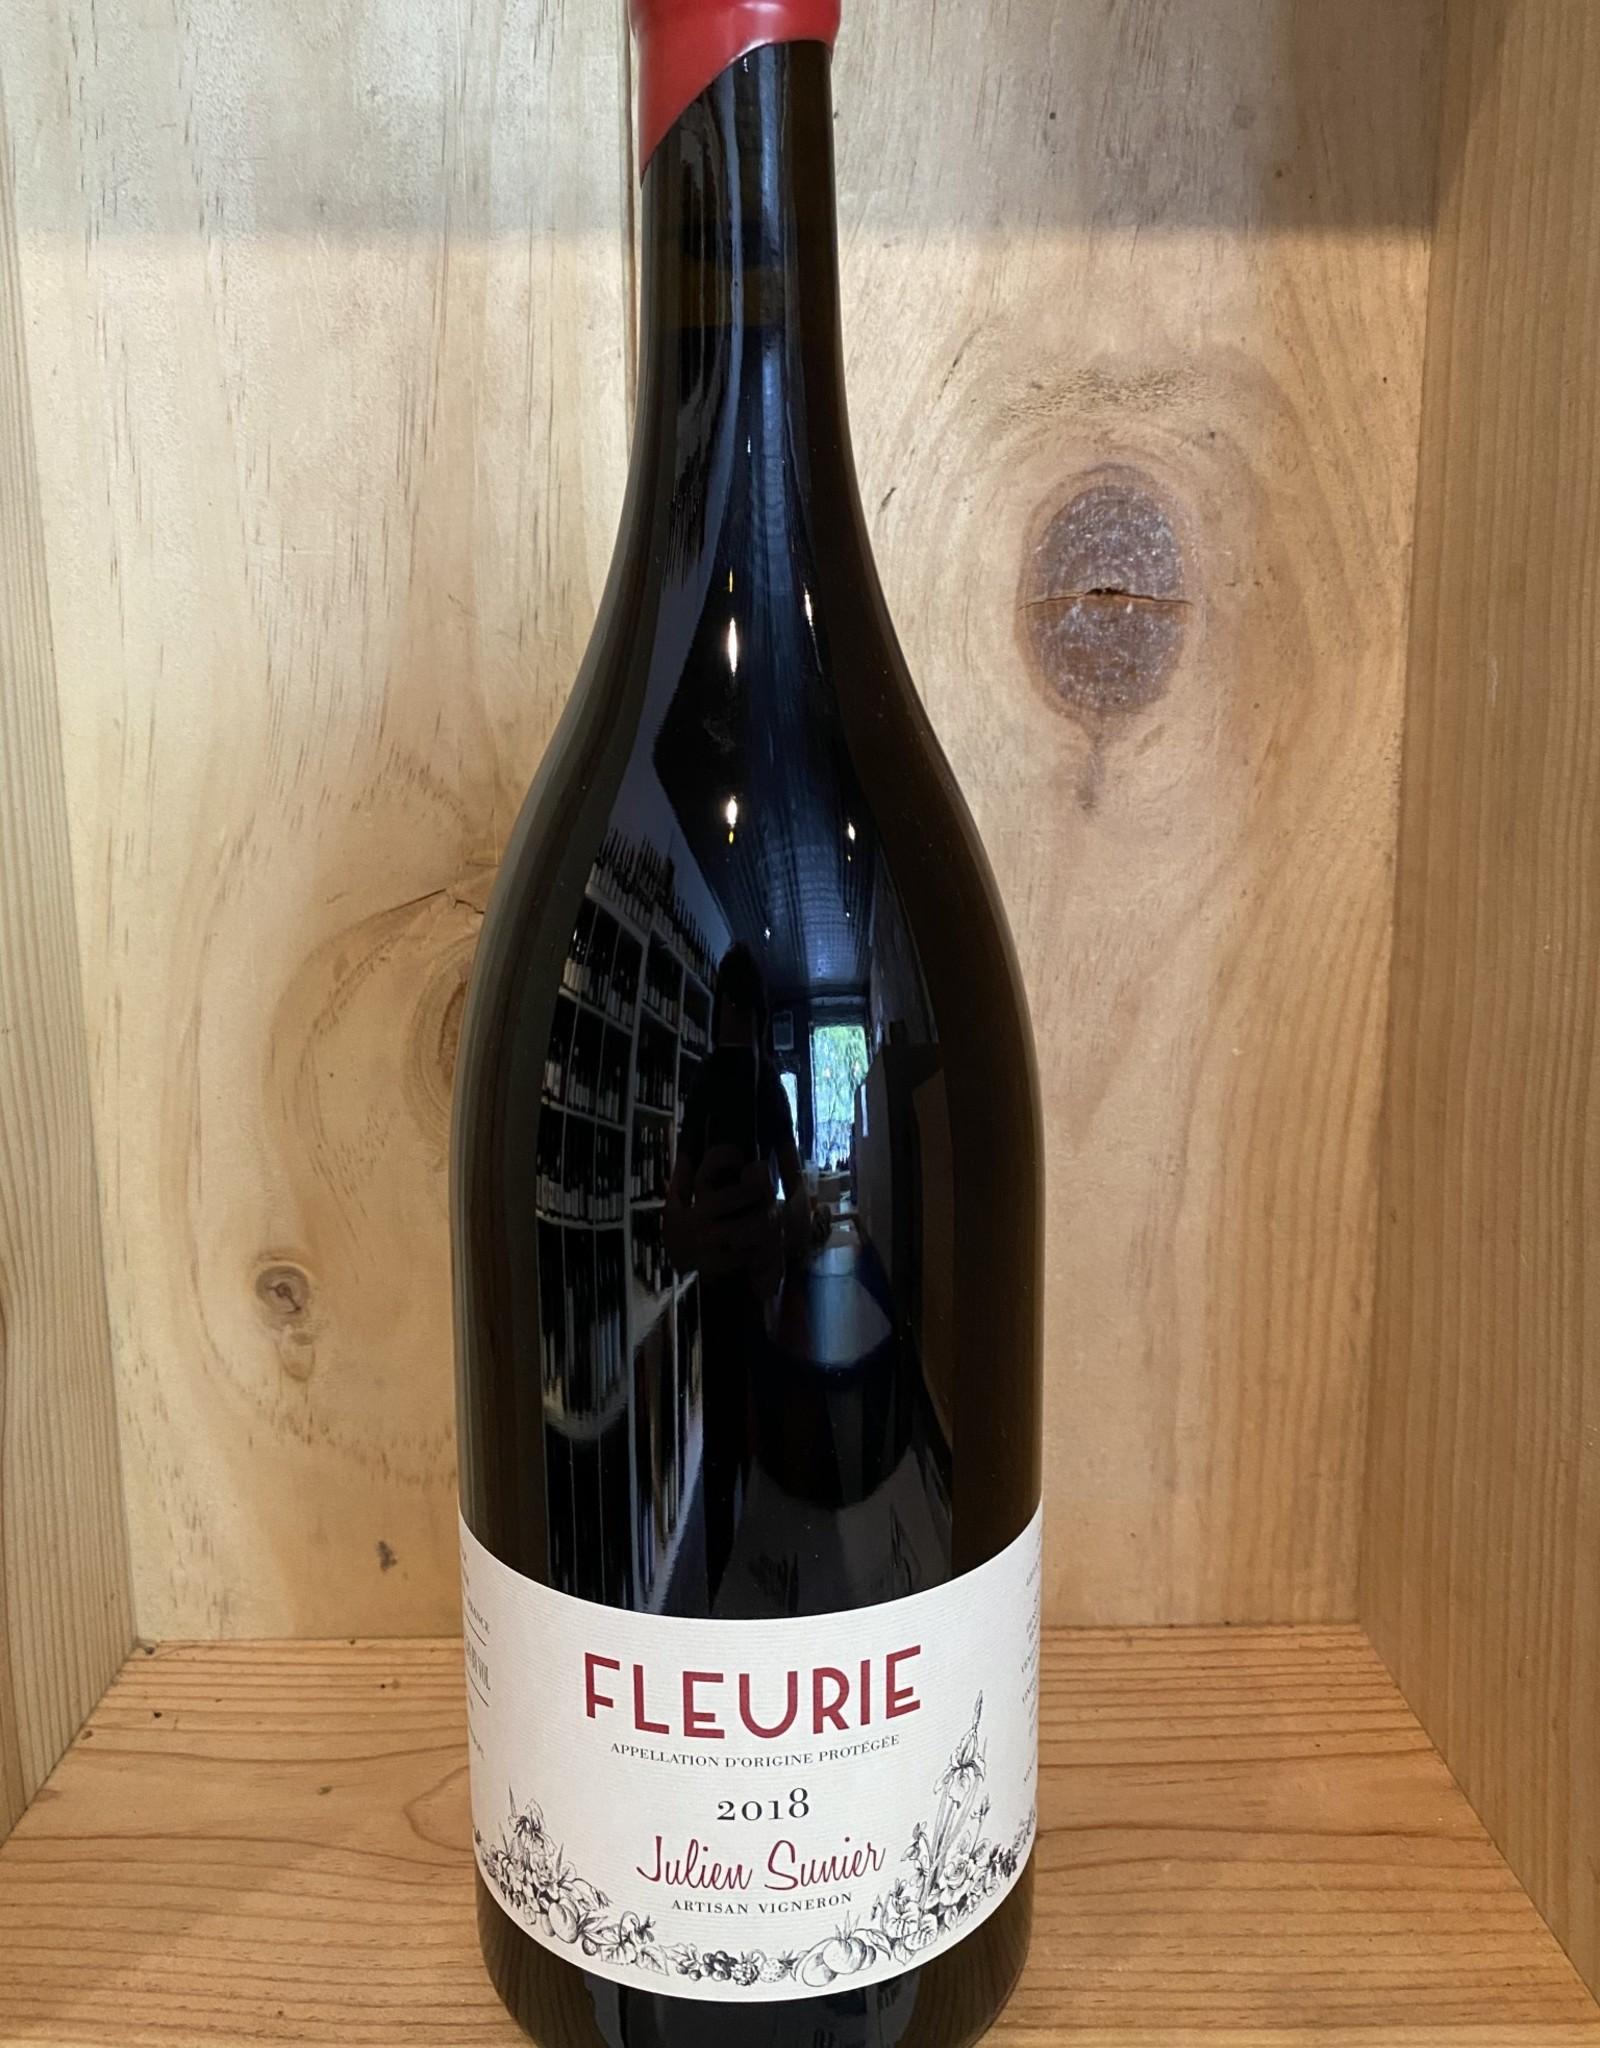 BEAUJOLAIS Gamay, Fleurie, Julien Sunier 2018 (1.5 L)